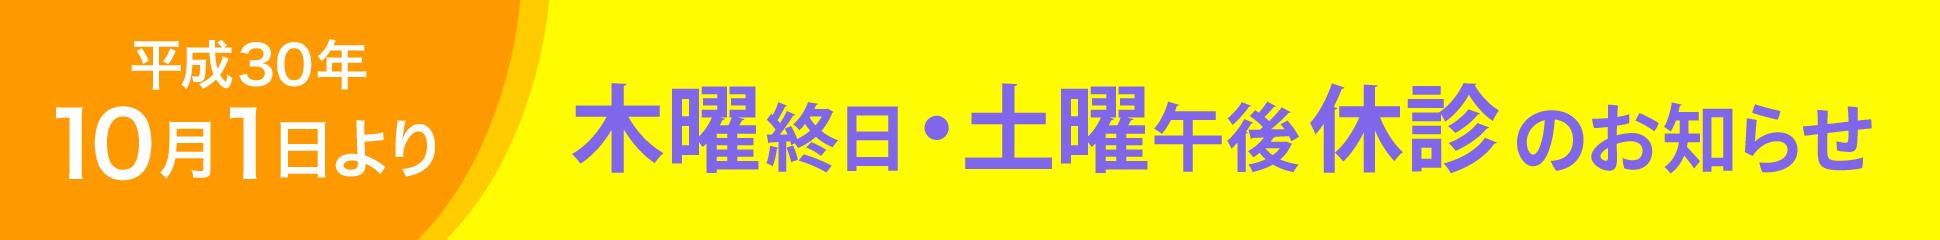 平成30年6月25日より、受付時間変更のお知らせ